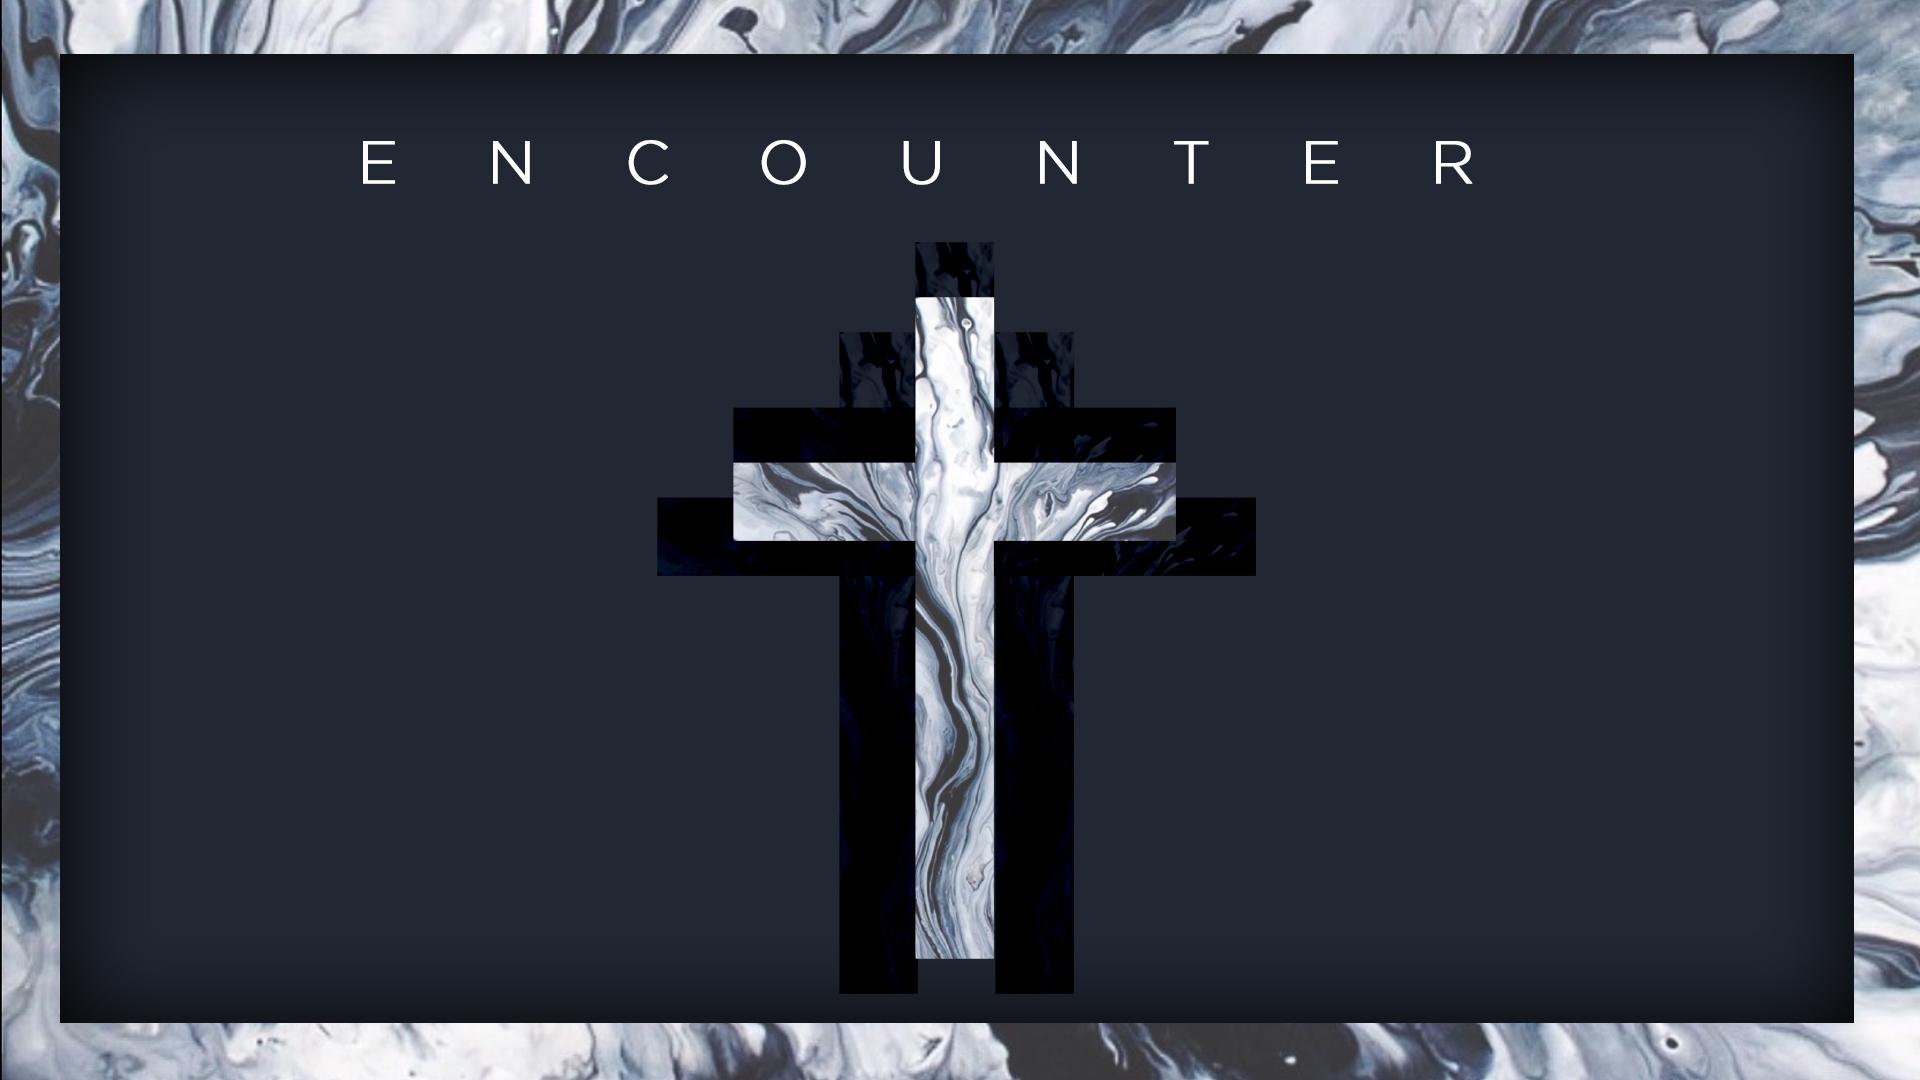 Encounter - November 2017 logo